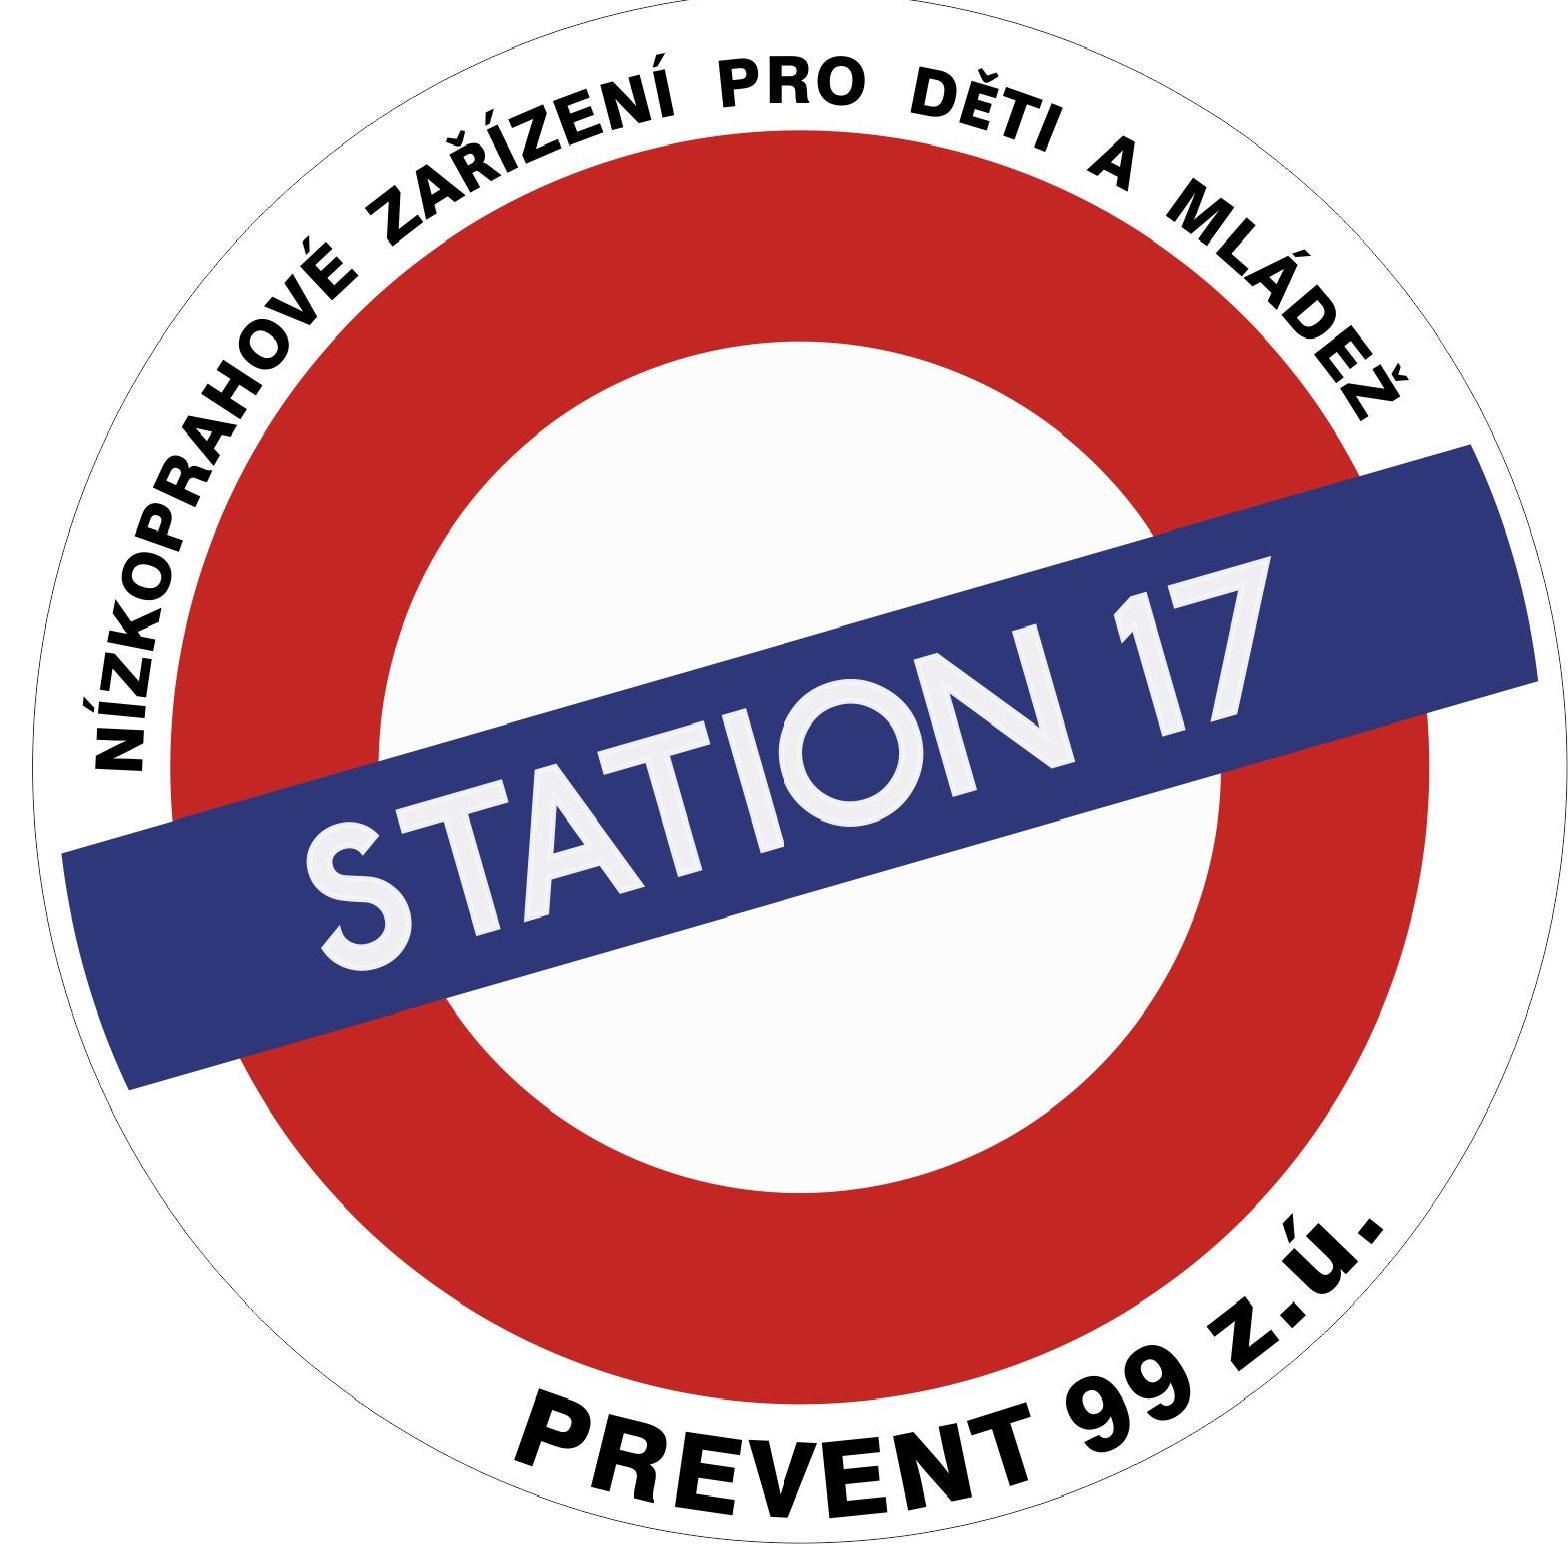 STATION17-titulka-obrázek-logo-2020